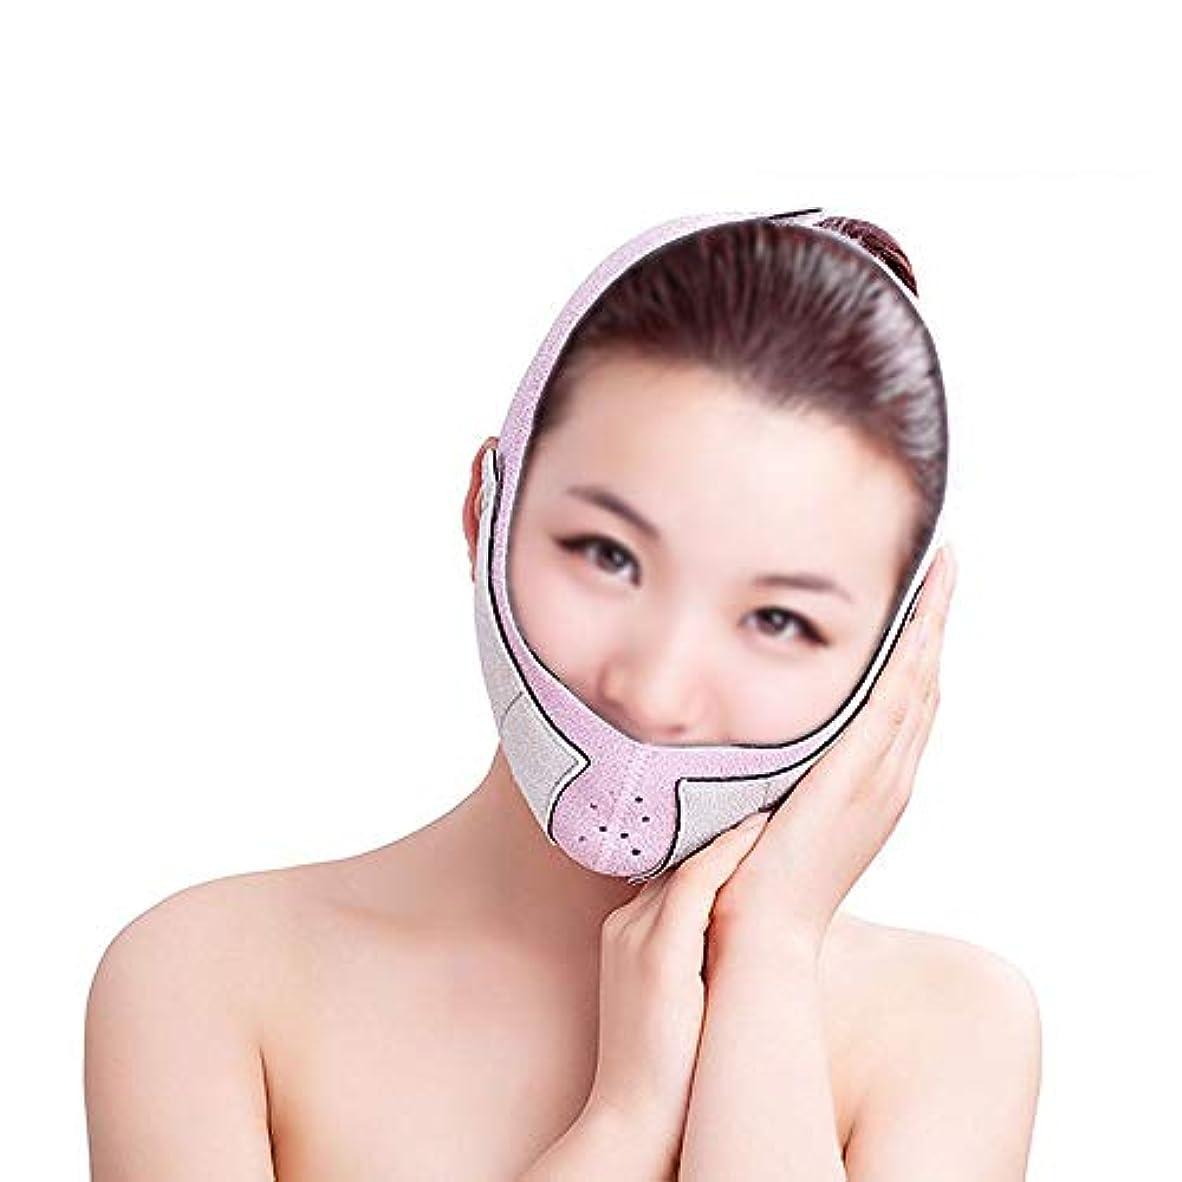 パイプ動機付ける転送フェイスリフトマスク、痩身ベルト薄いフェイスマスク強力な持ち上げ小さなV顔薄い顔包帯美容フェイスリフティングデバイス